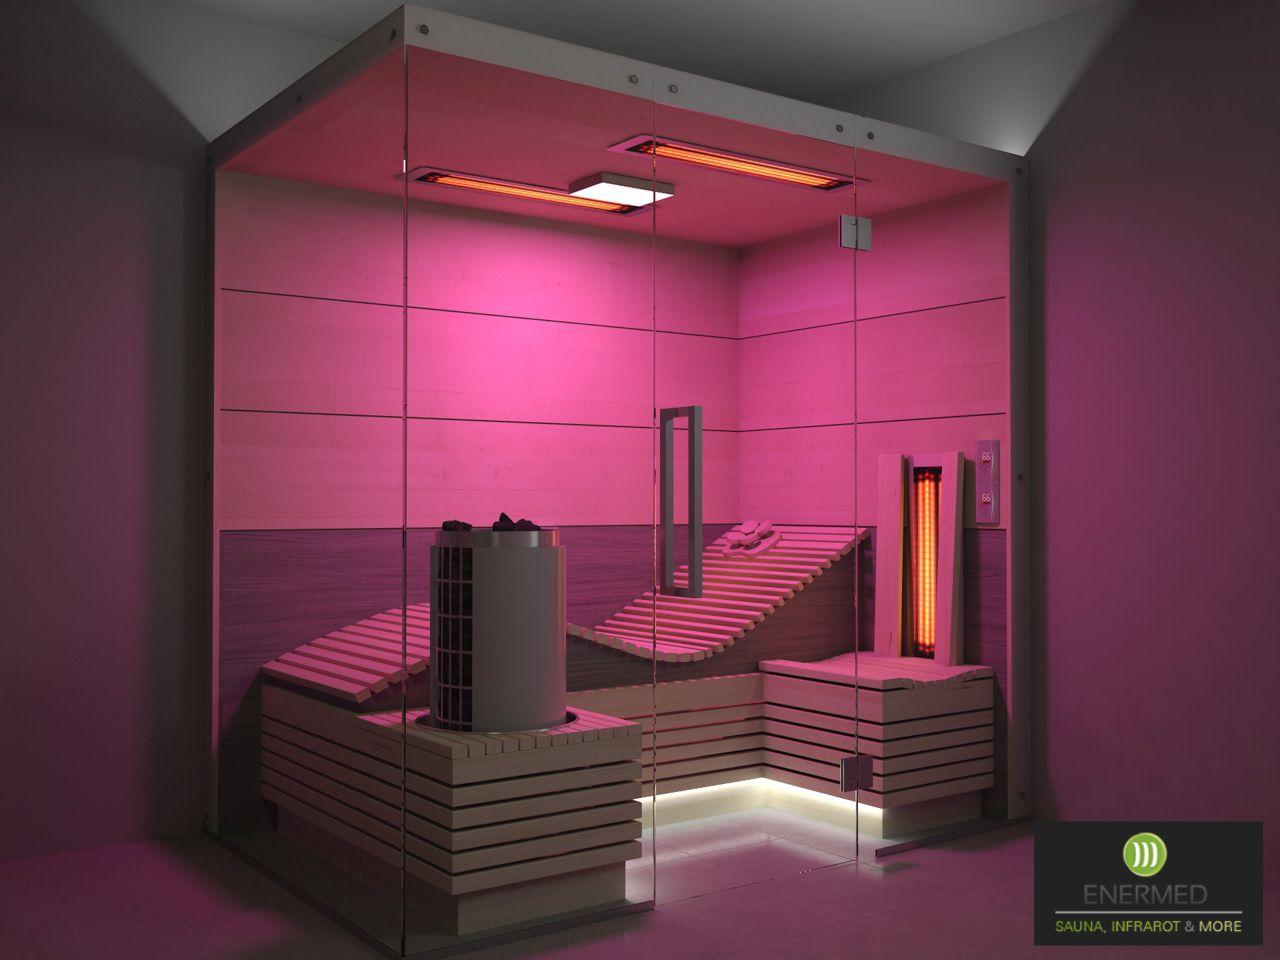 Mini Sauna Kleine Sauna Ergonomische Liege Infrarotkabine Liegekabine Farblicht Harvia Infrarotkabine Kleine Sauna Mini Sauna